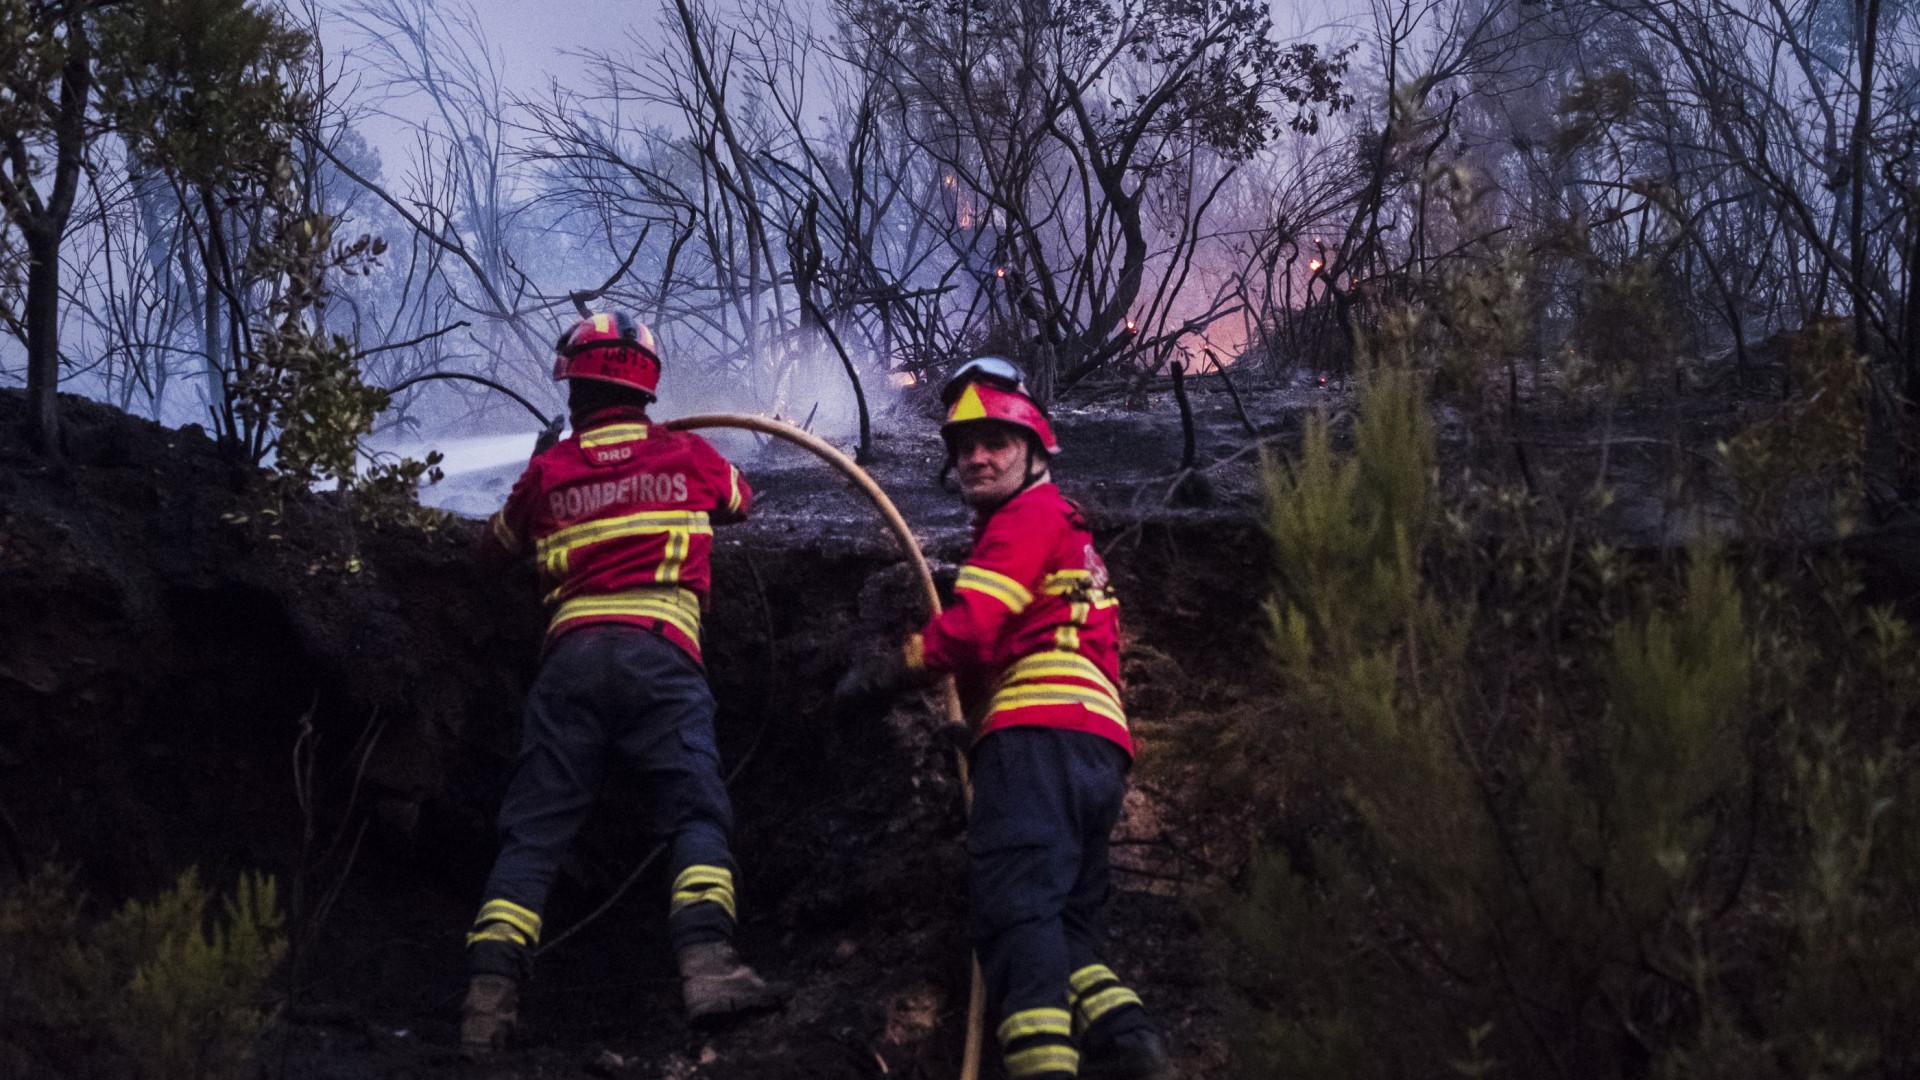 Governo desmente plano de combate a incêndio em Monchique por aprovar